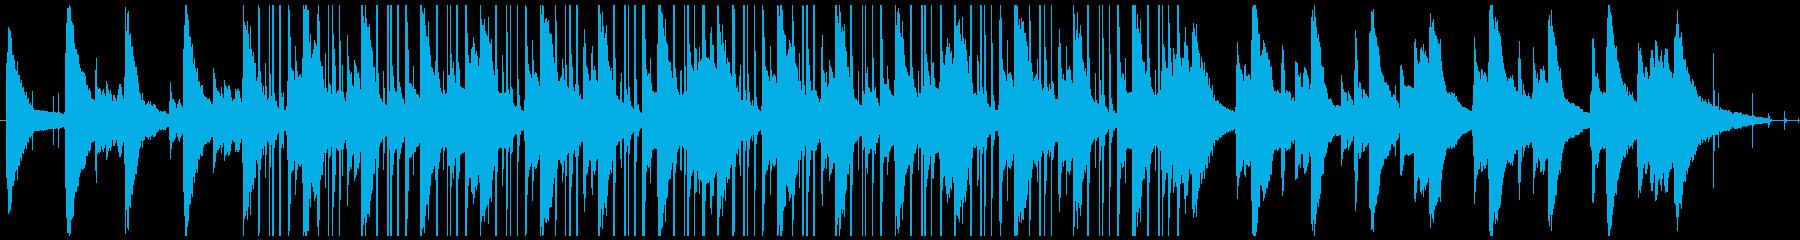 お洒落ピアノのLofiヒップホップの再生済みの波形